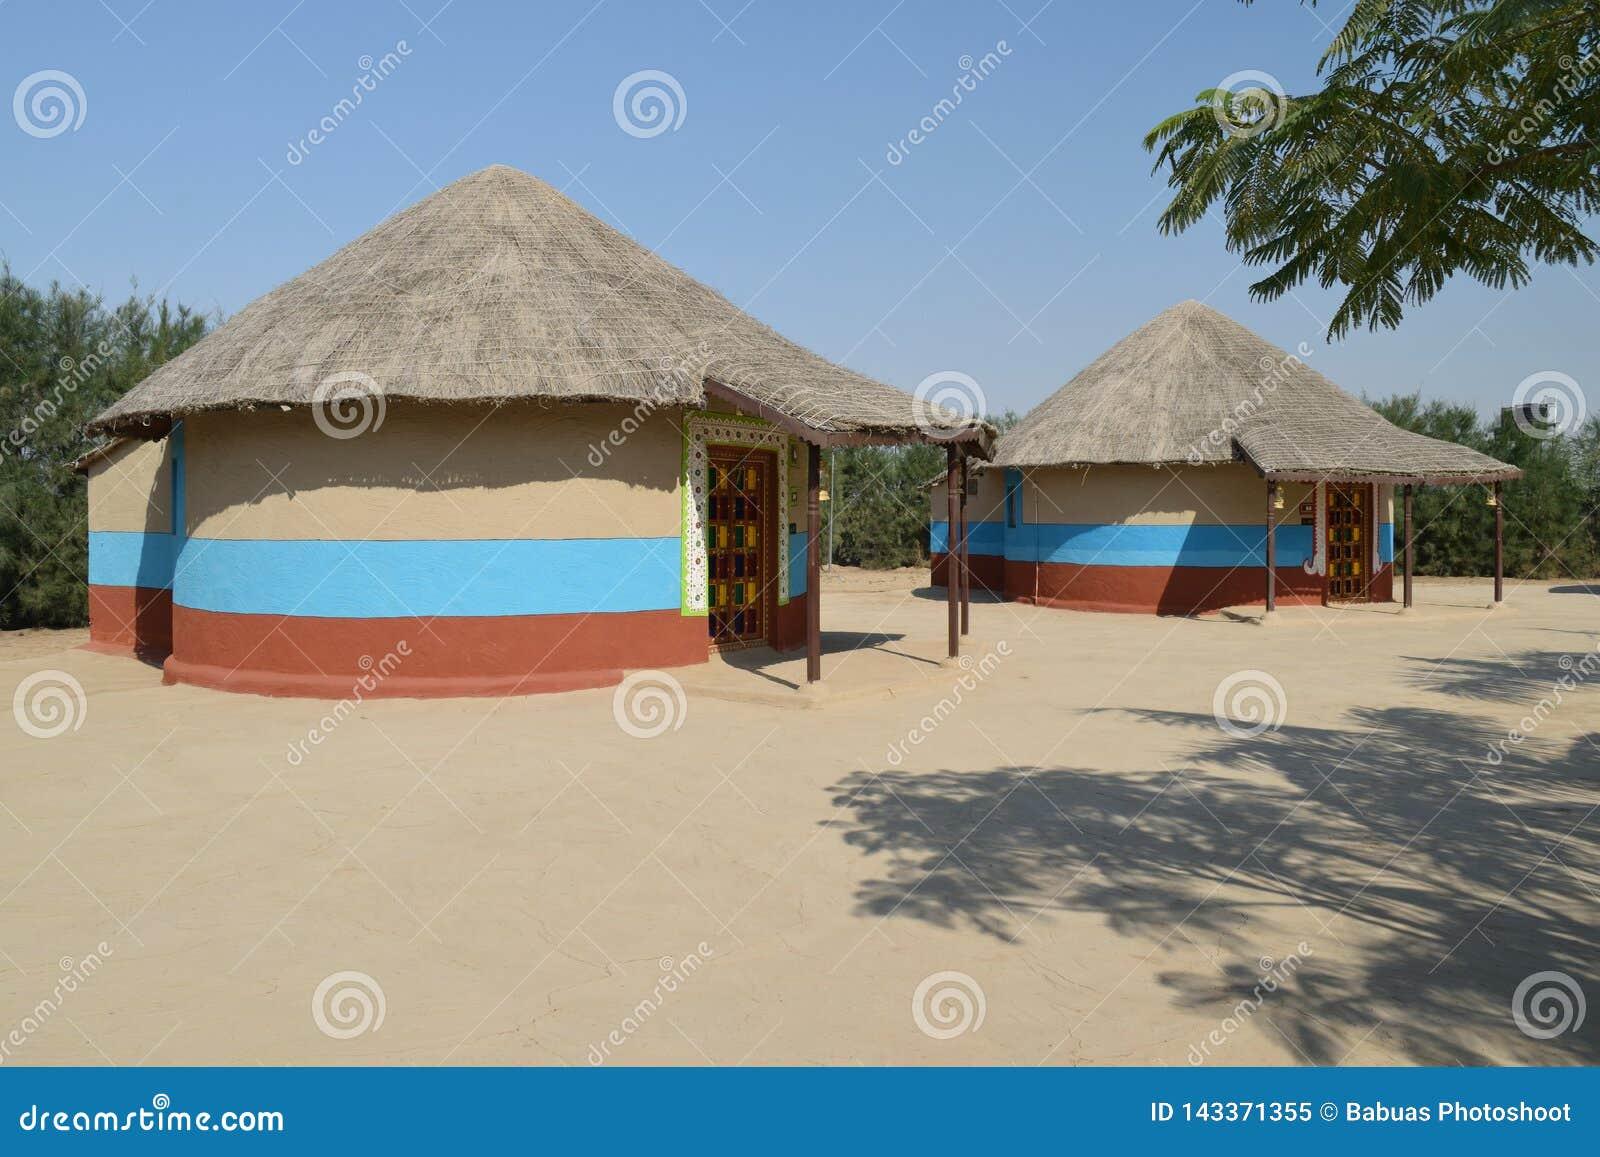 Το Bunga, ένα κυλινδρικό σπίτι λάσπης με η στέγη